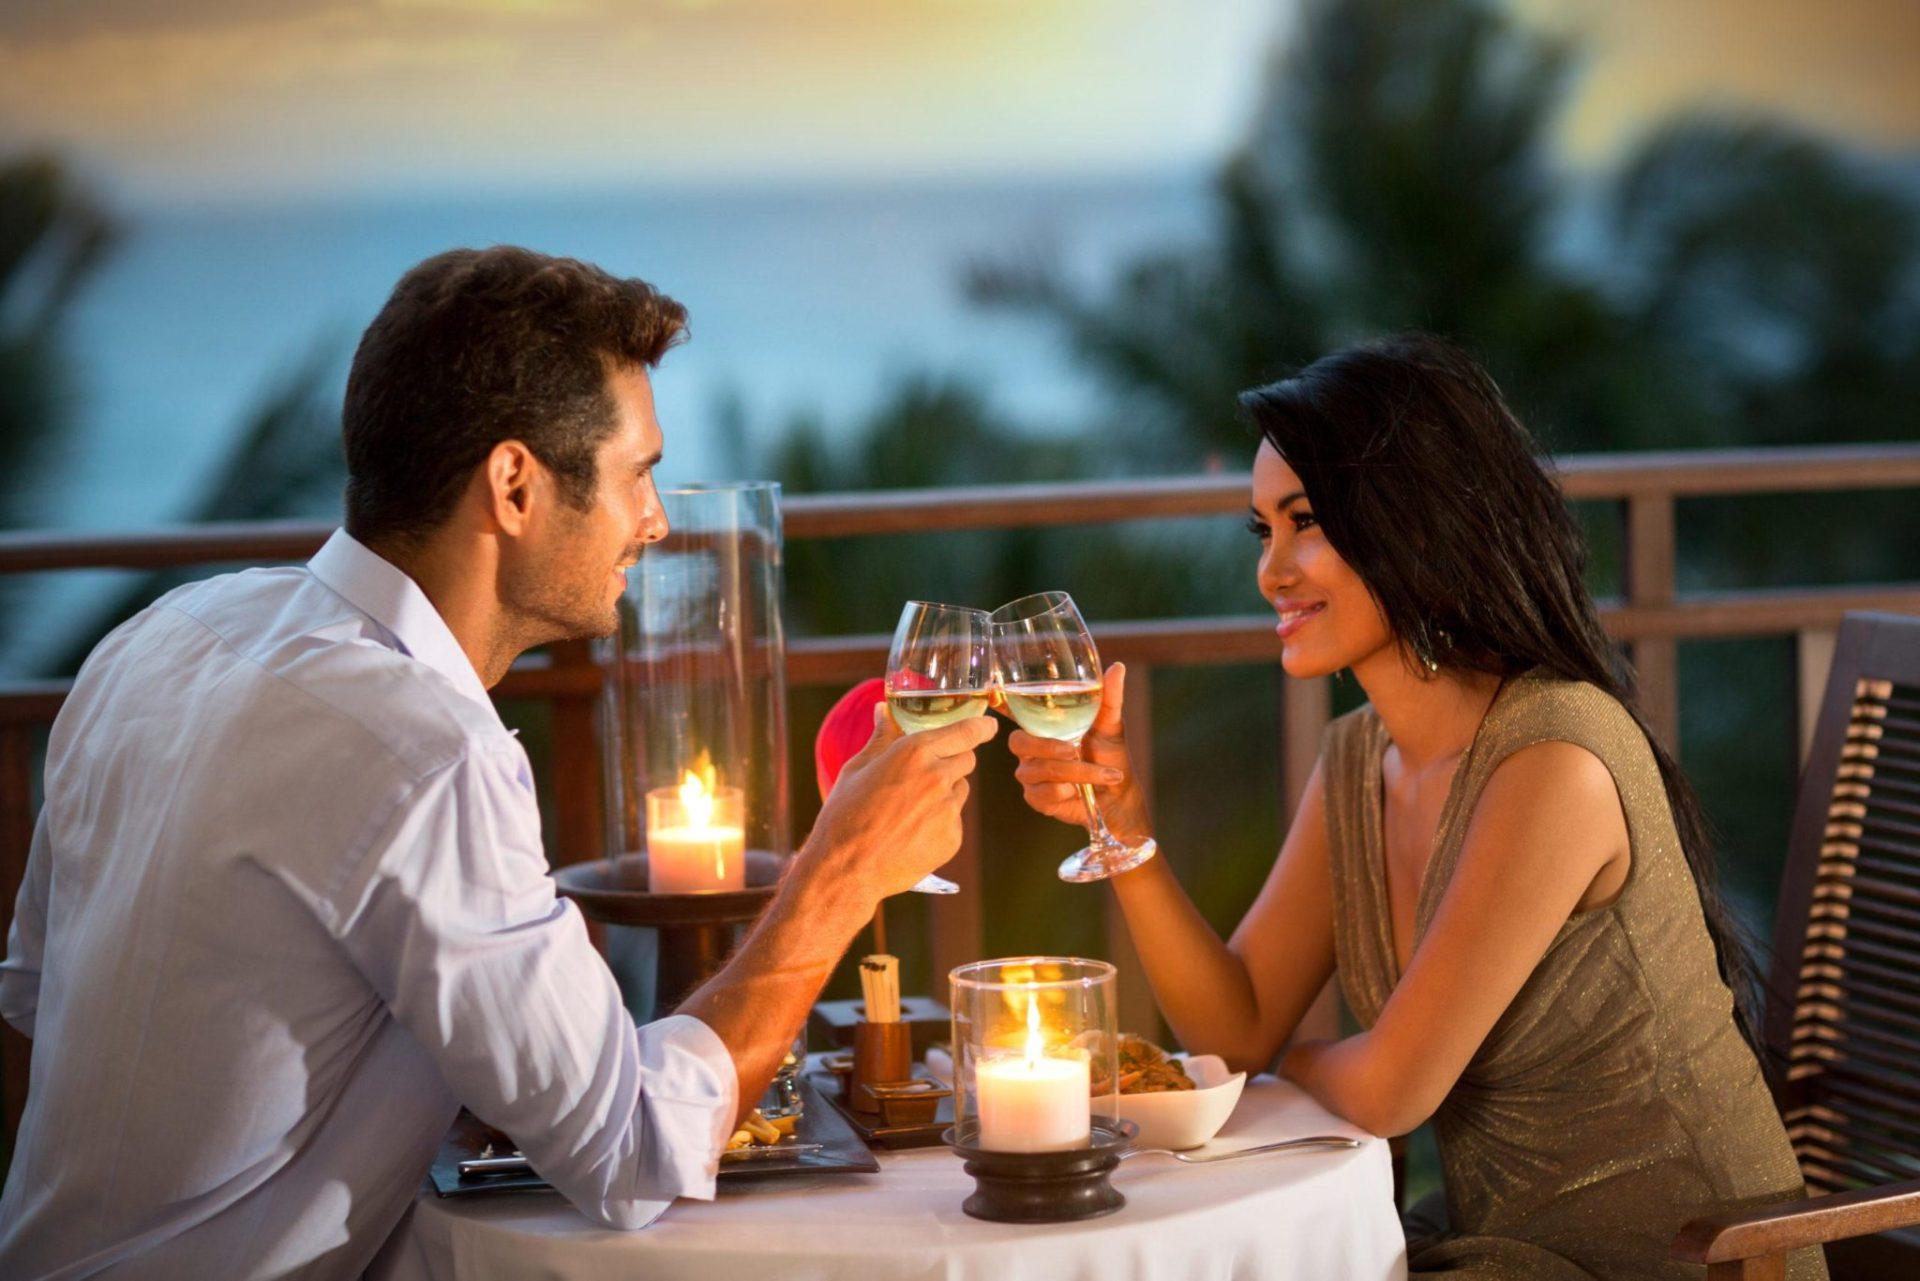 Eine Dame stößt beim Abendessen mit Ihrem Callboy bei einem Glas Weißwein an